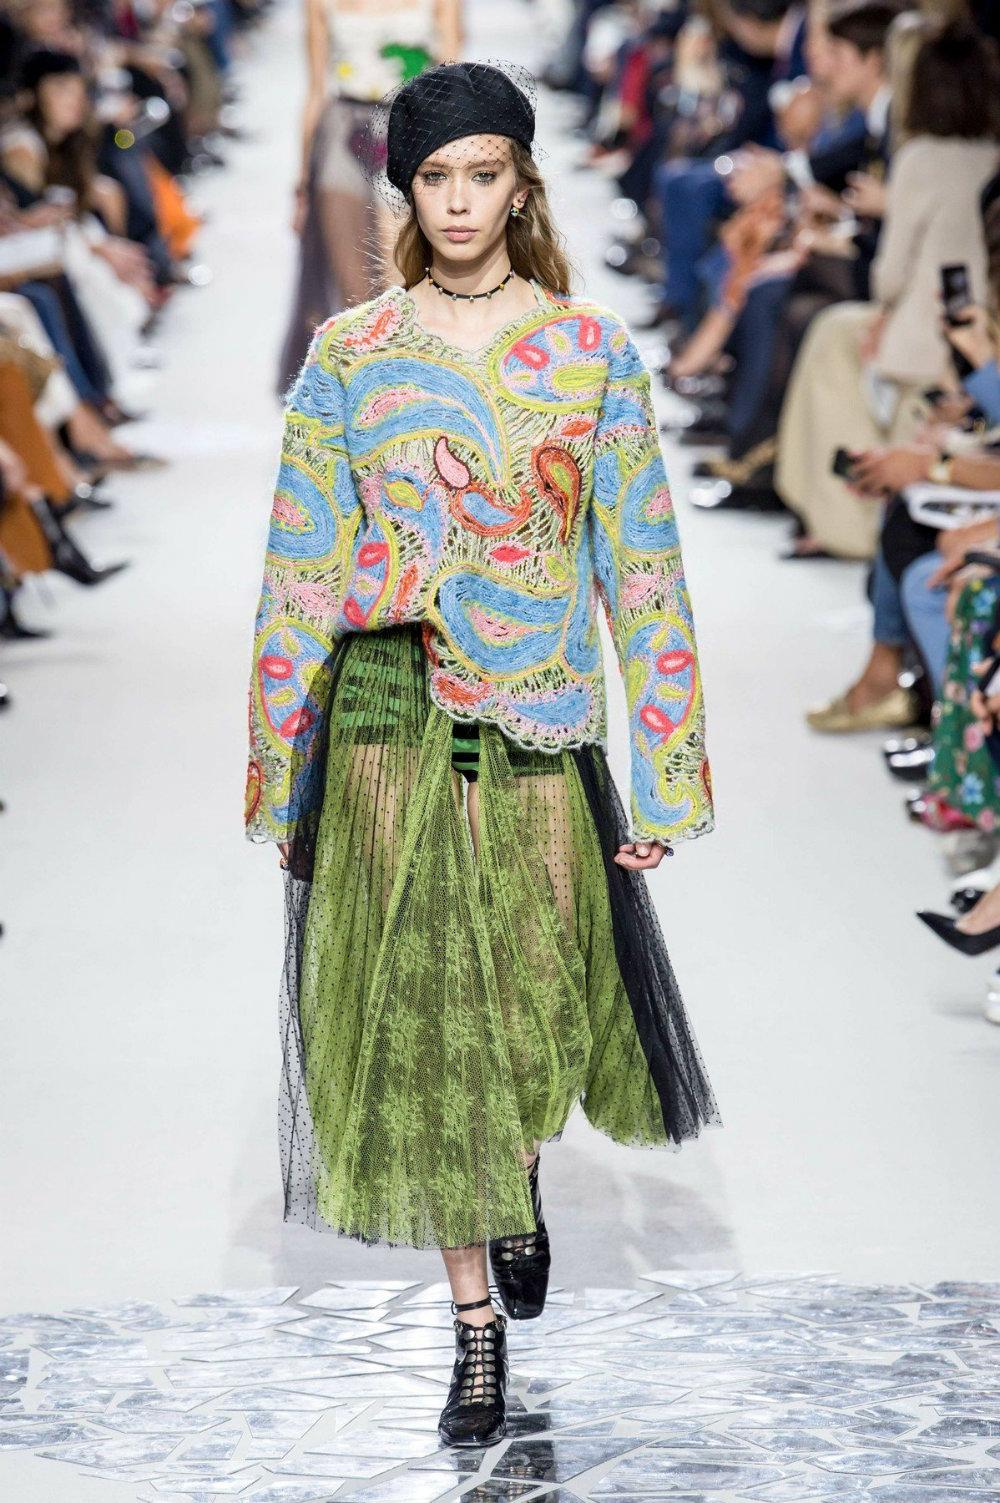 Paris Fashion Week Dior Unveils The Spring Summer 2018 Collection 05 Paris Fashion Week Paris Fashion Week: Dior Unveils The Spring/Summer 2018 Collection Paris Fashion Week Dior Unveils The Spring Summer 2018 Collection 05